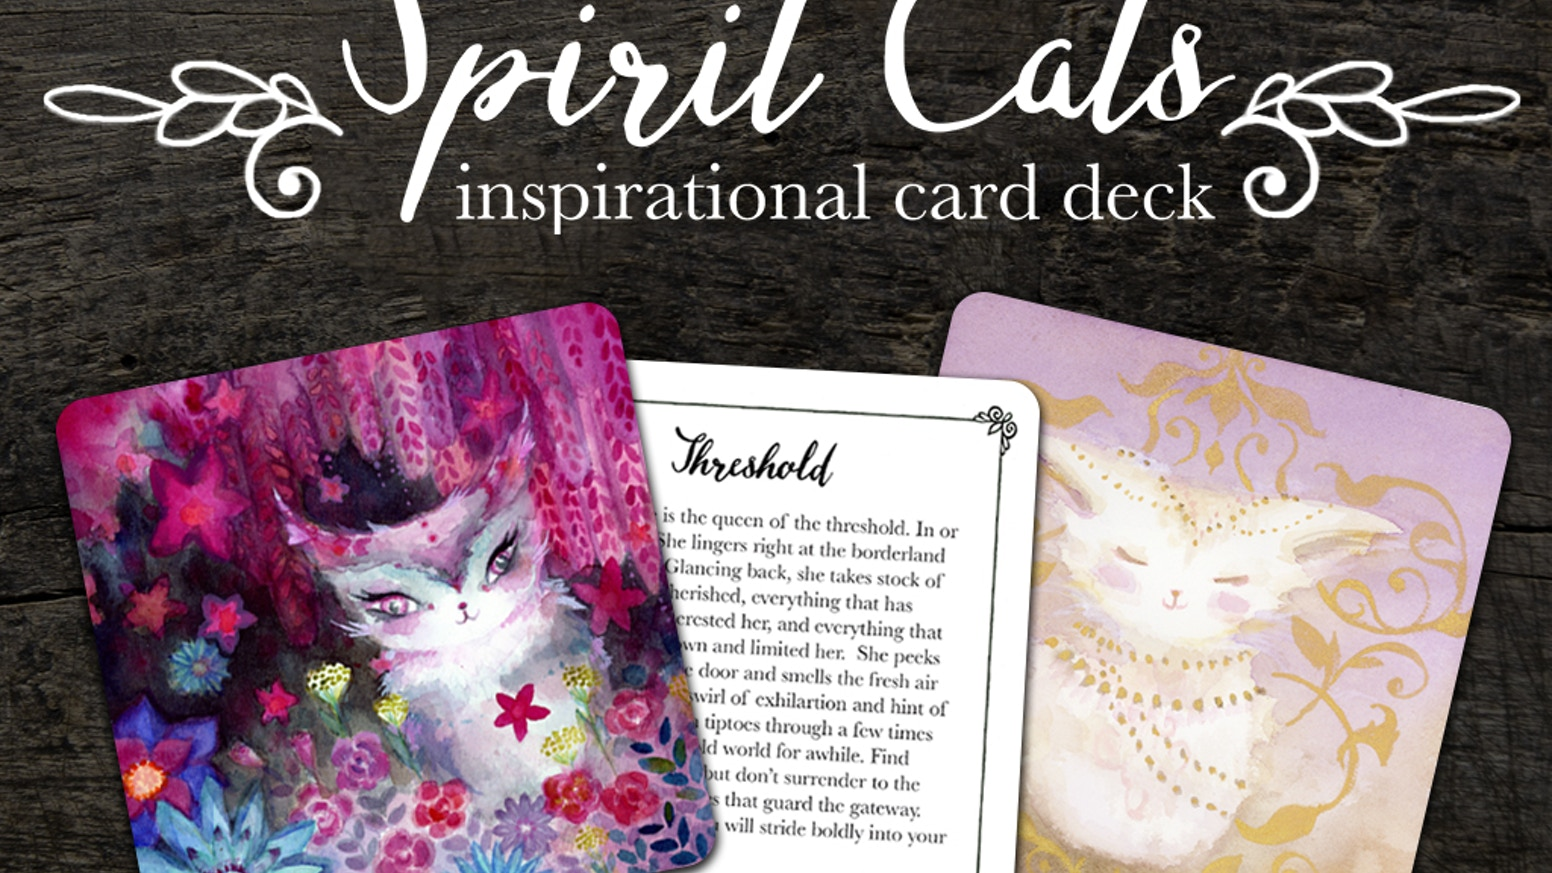 Spirit Cats Inspirational Card Deck by Nicole Piar — Kickstarter